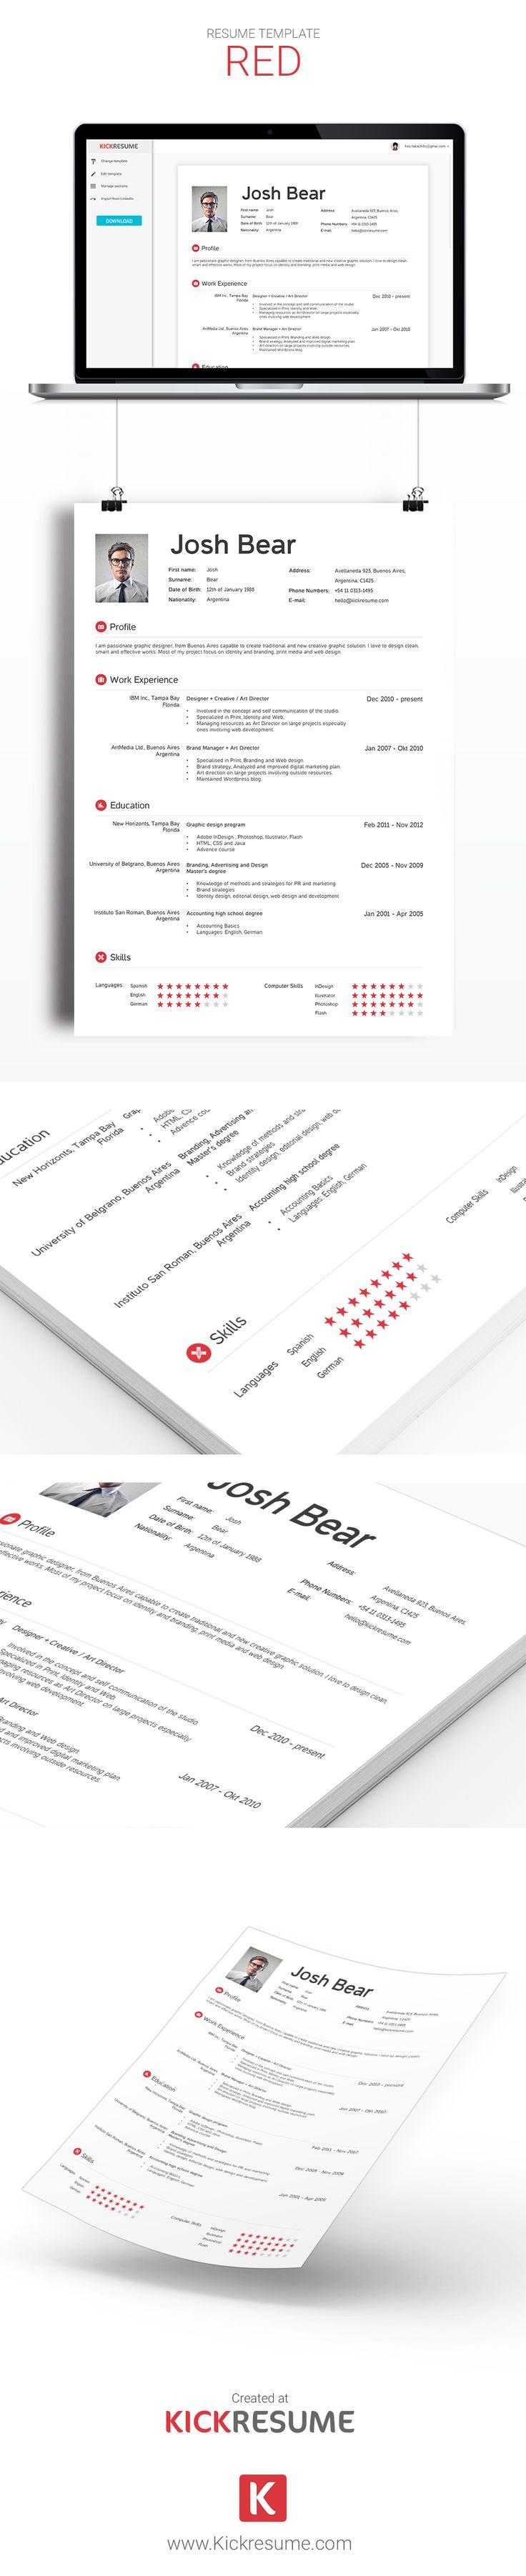 18 best Kickresume Templates Gallery (Resume samples, Resume ...